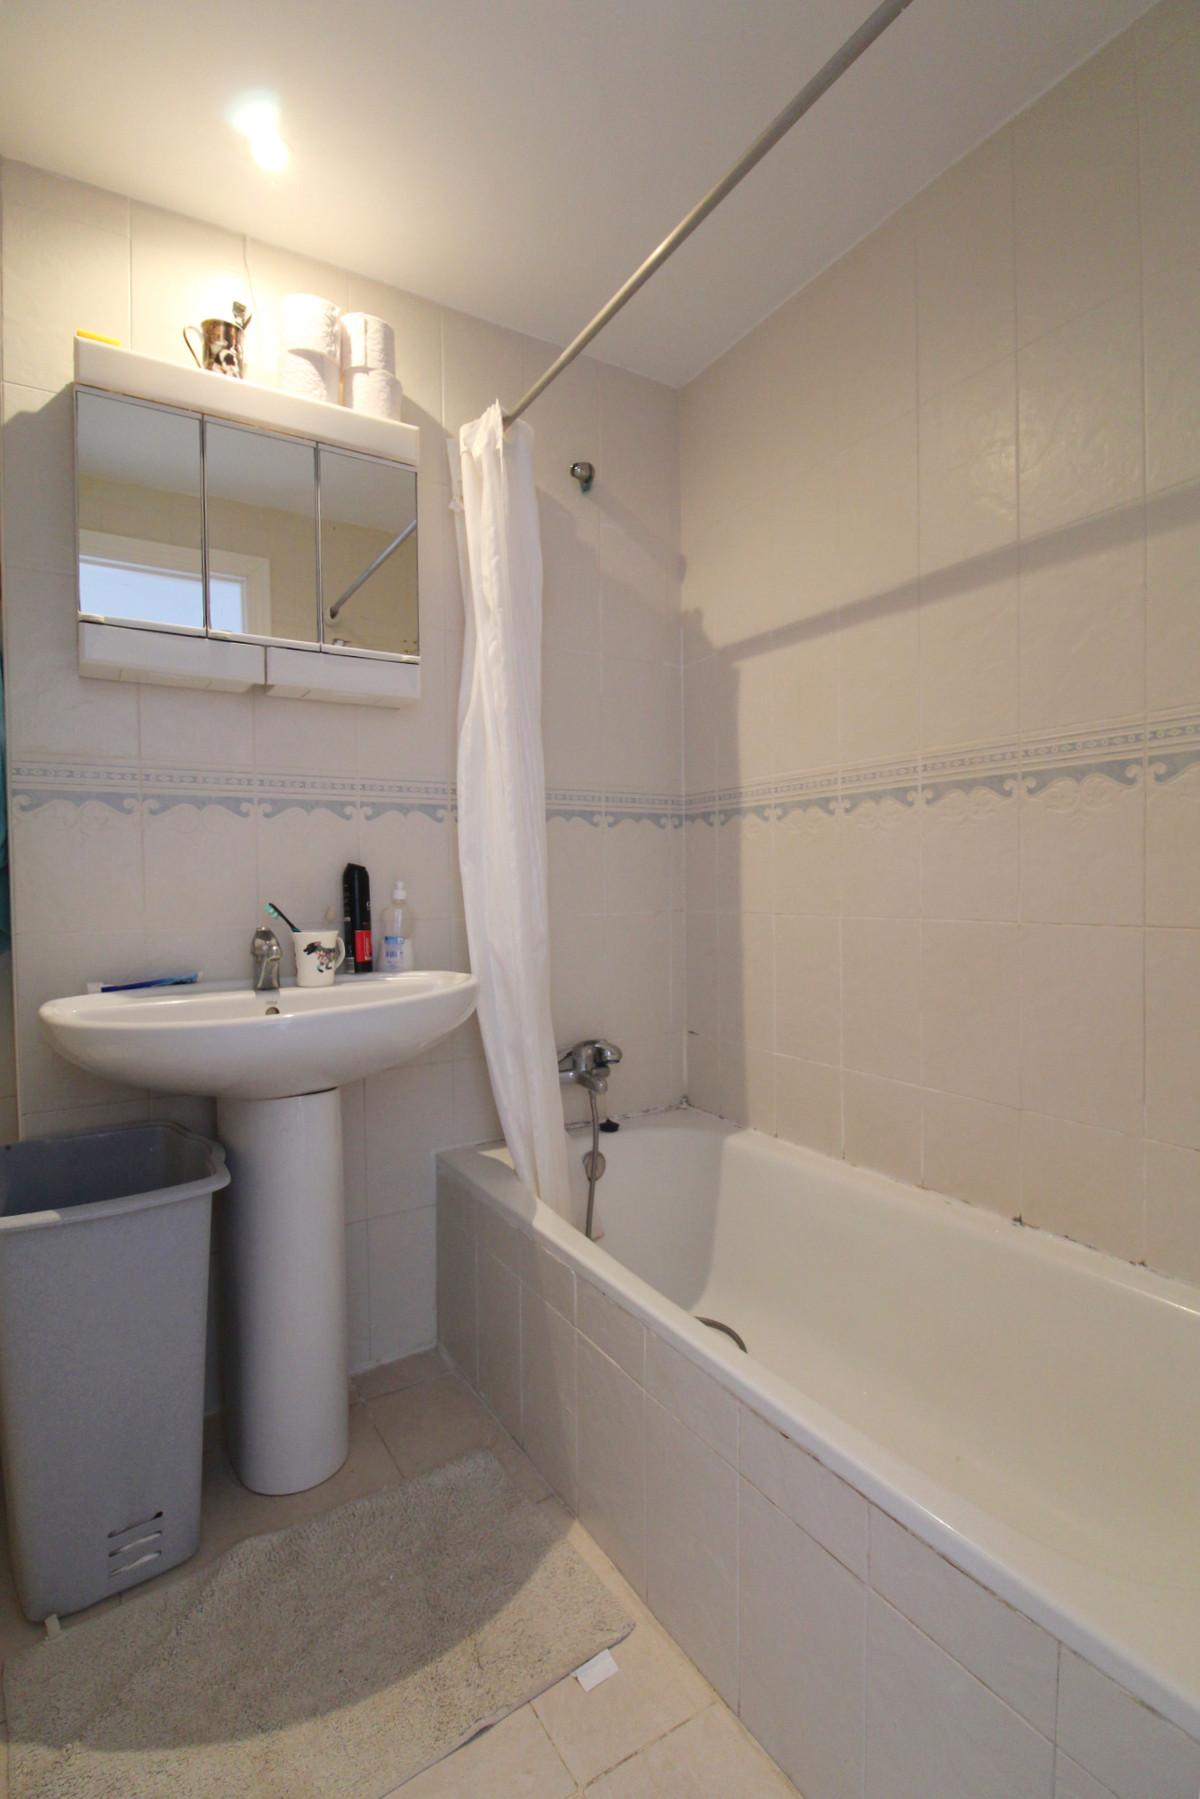 2 Dormitorio Ático Apartamento En Venta Calahonda